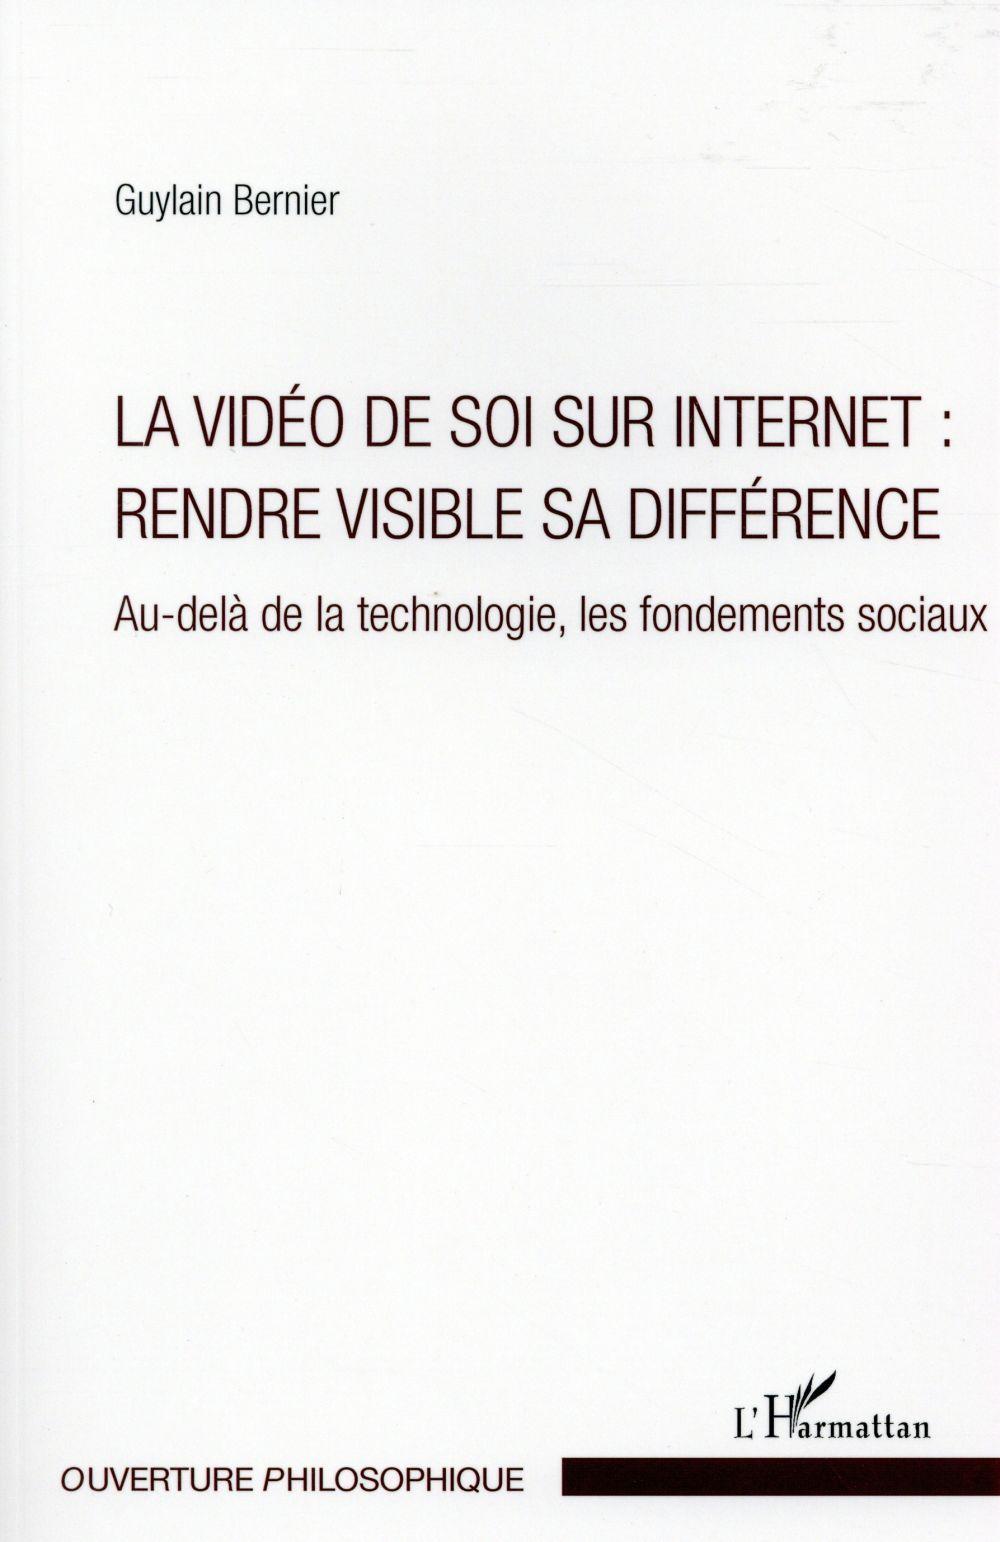 La vidéo de soi sur internet : rendre visible sa différence ; au-delà de la technologie, les fondements sociaux - Bernier, Guylain